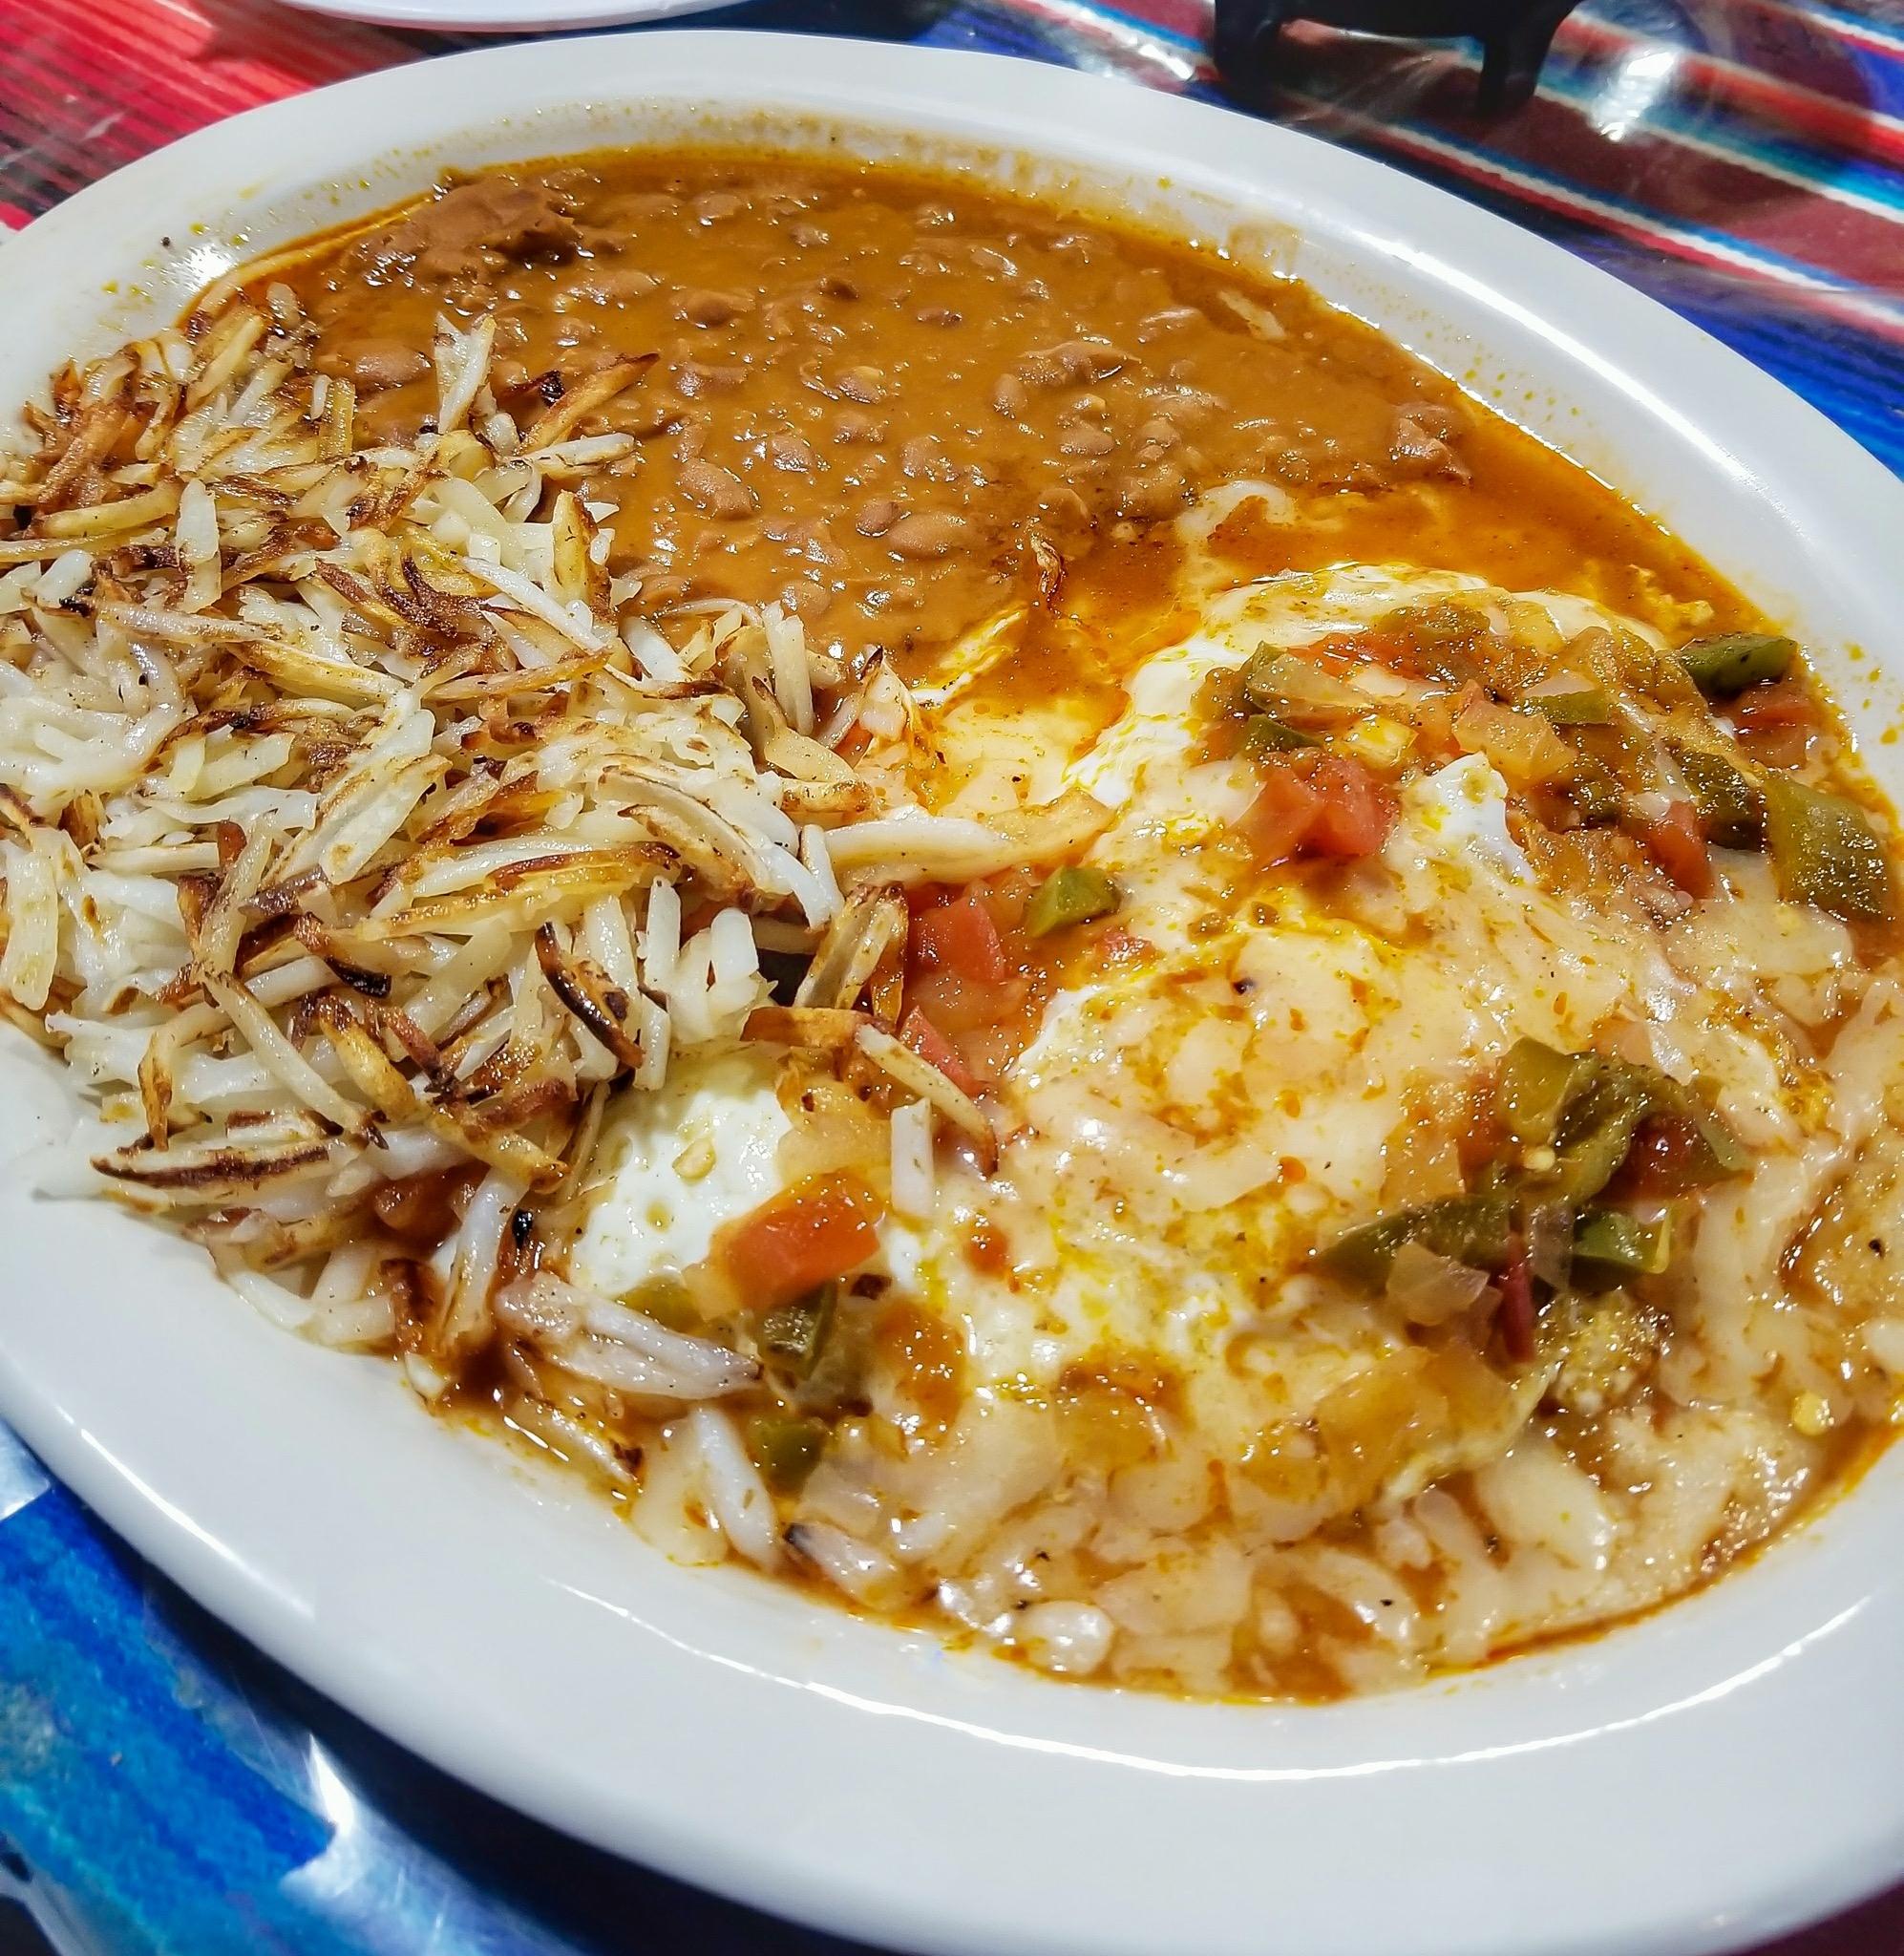 Yvonne S Mexican Grill Yvonne S Mexican Grill Has Been